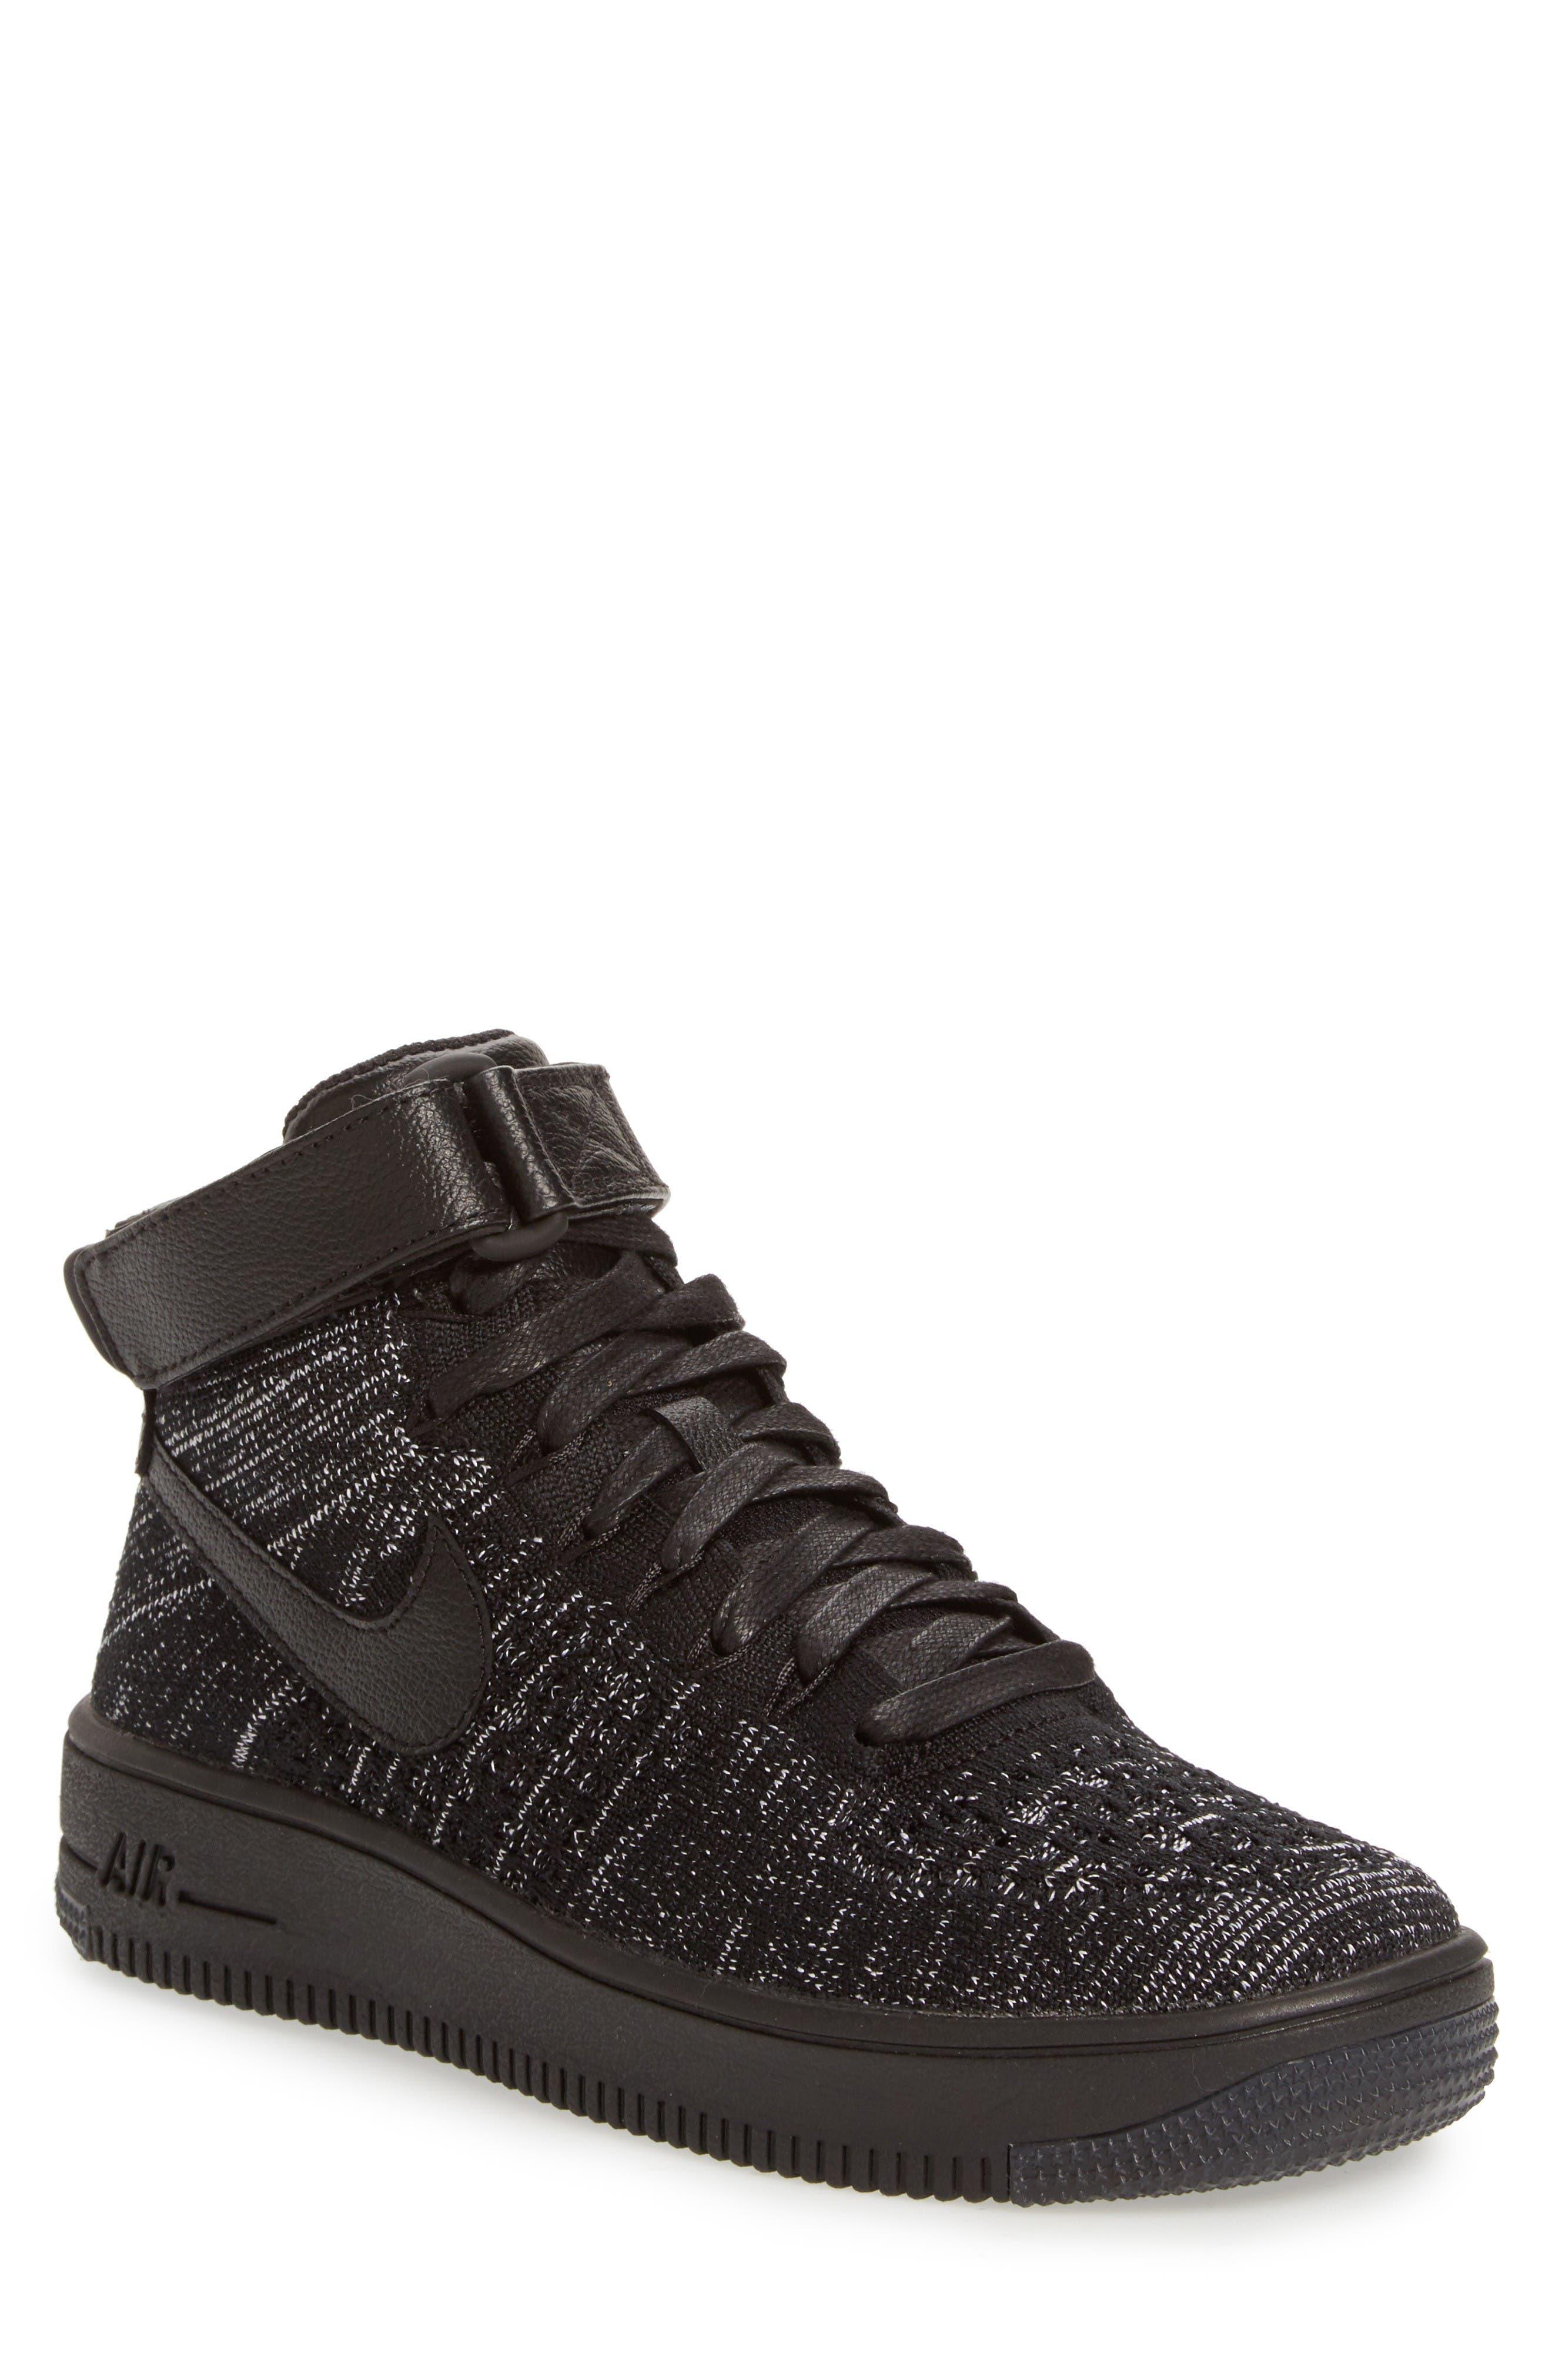 Nike 'Air Force 1 Flyknit' Sneaker (Women)